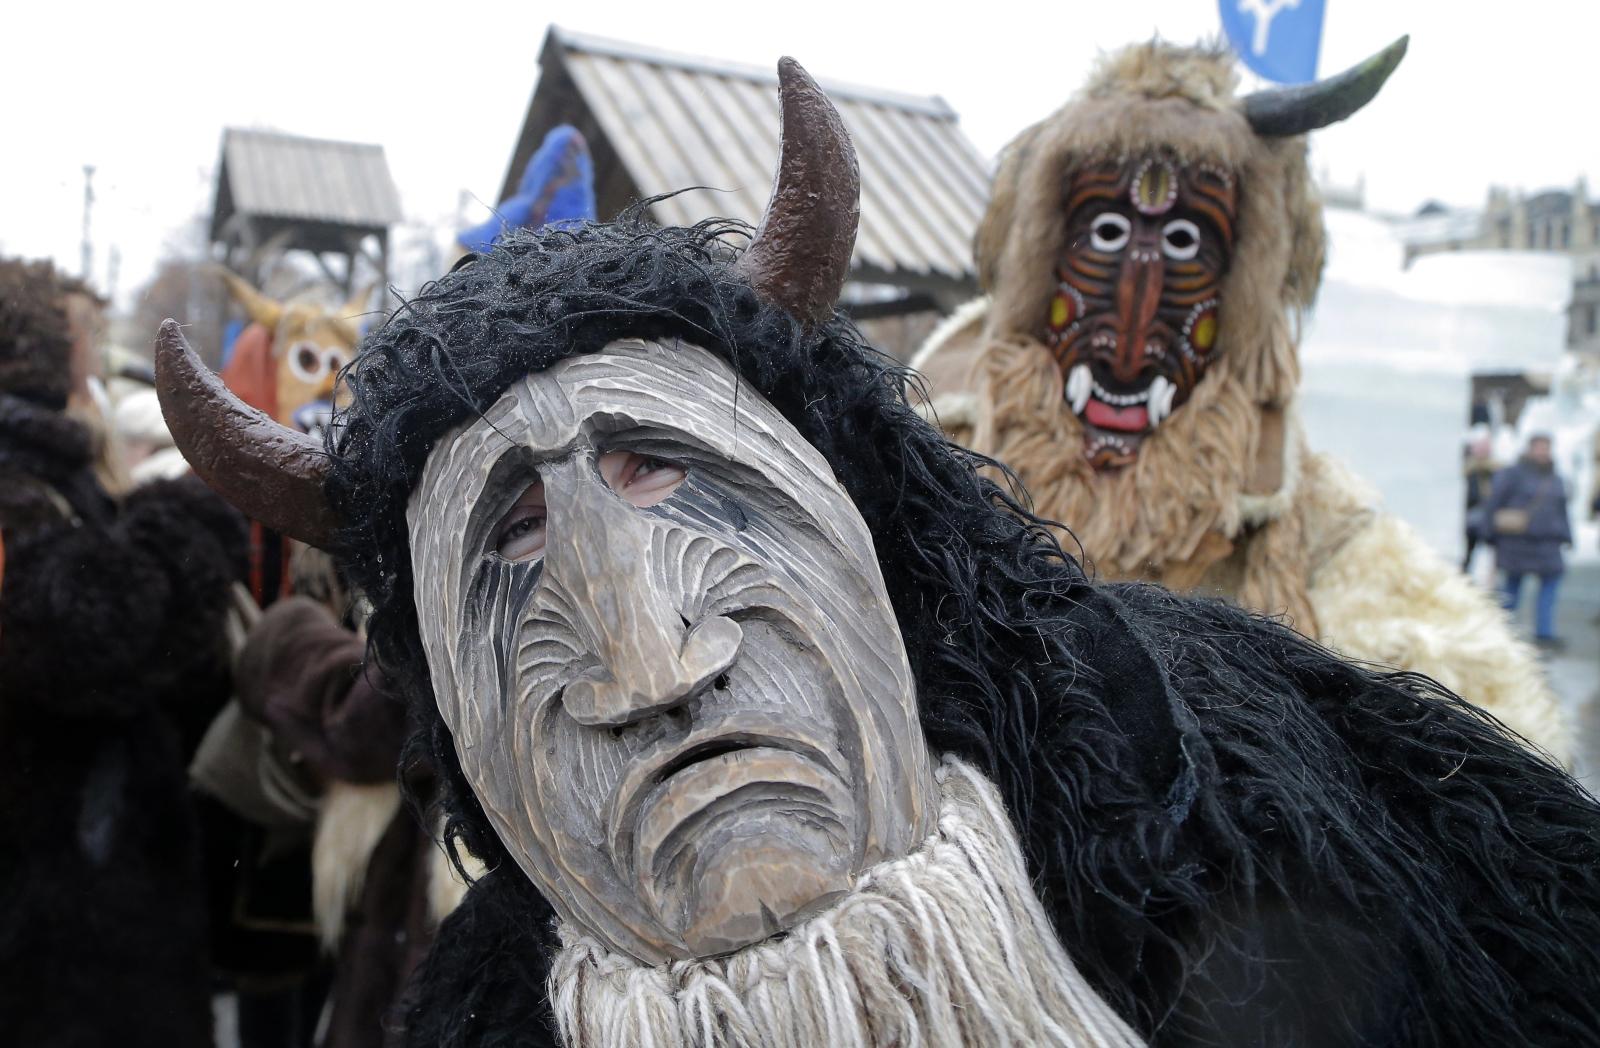 Aktorzy przebrani za demony w czasie święta Maslenitsa oznaczającego koniec zimy. Plac Czerwony, Moskwa.